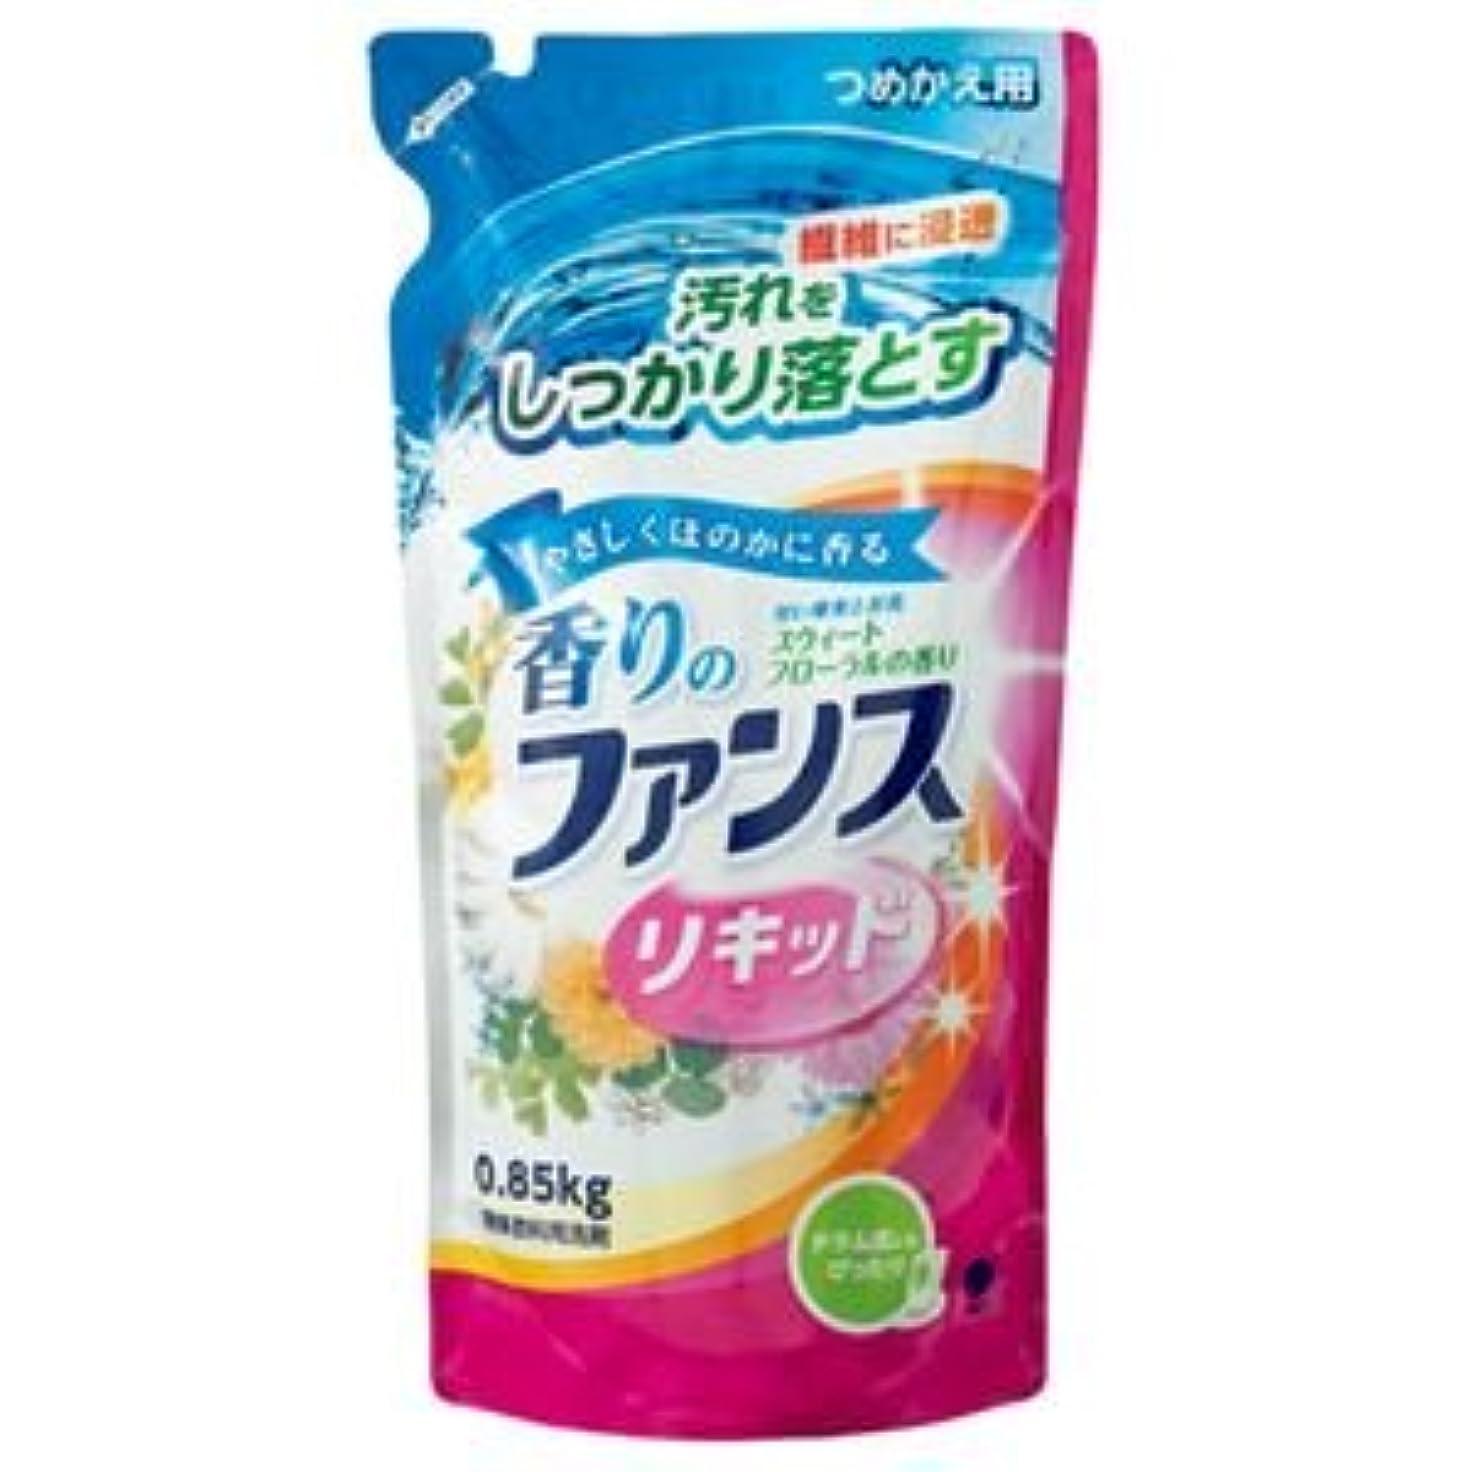 キャンベラすばらしいです円形の(まとめ) 第一石鹸 香りのファンス 液体衣料用洗剤リキッド 詰替用 0.85kg 1個 【×15セット】